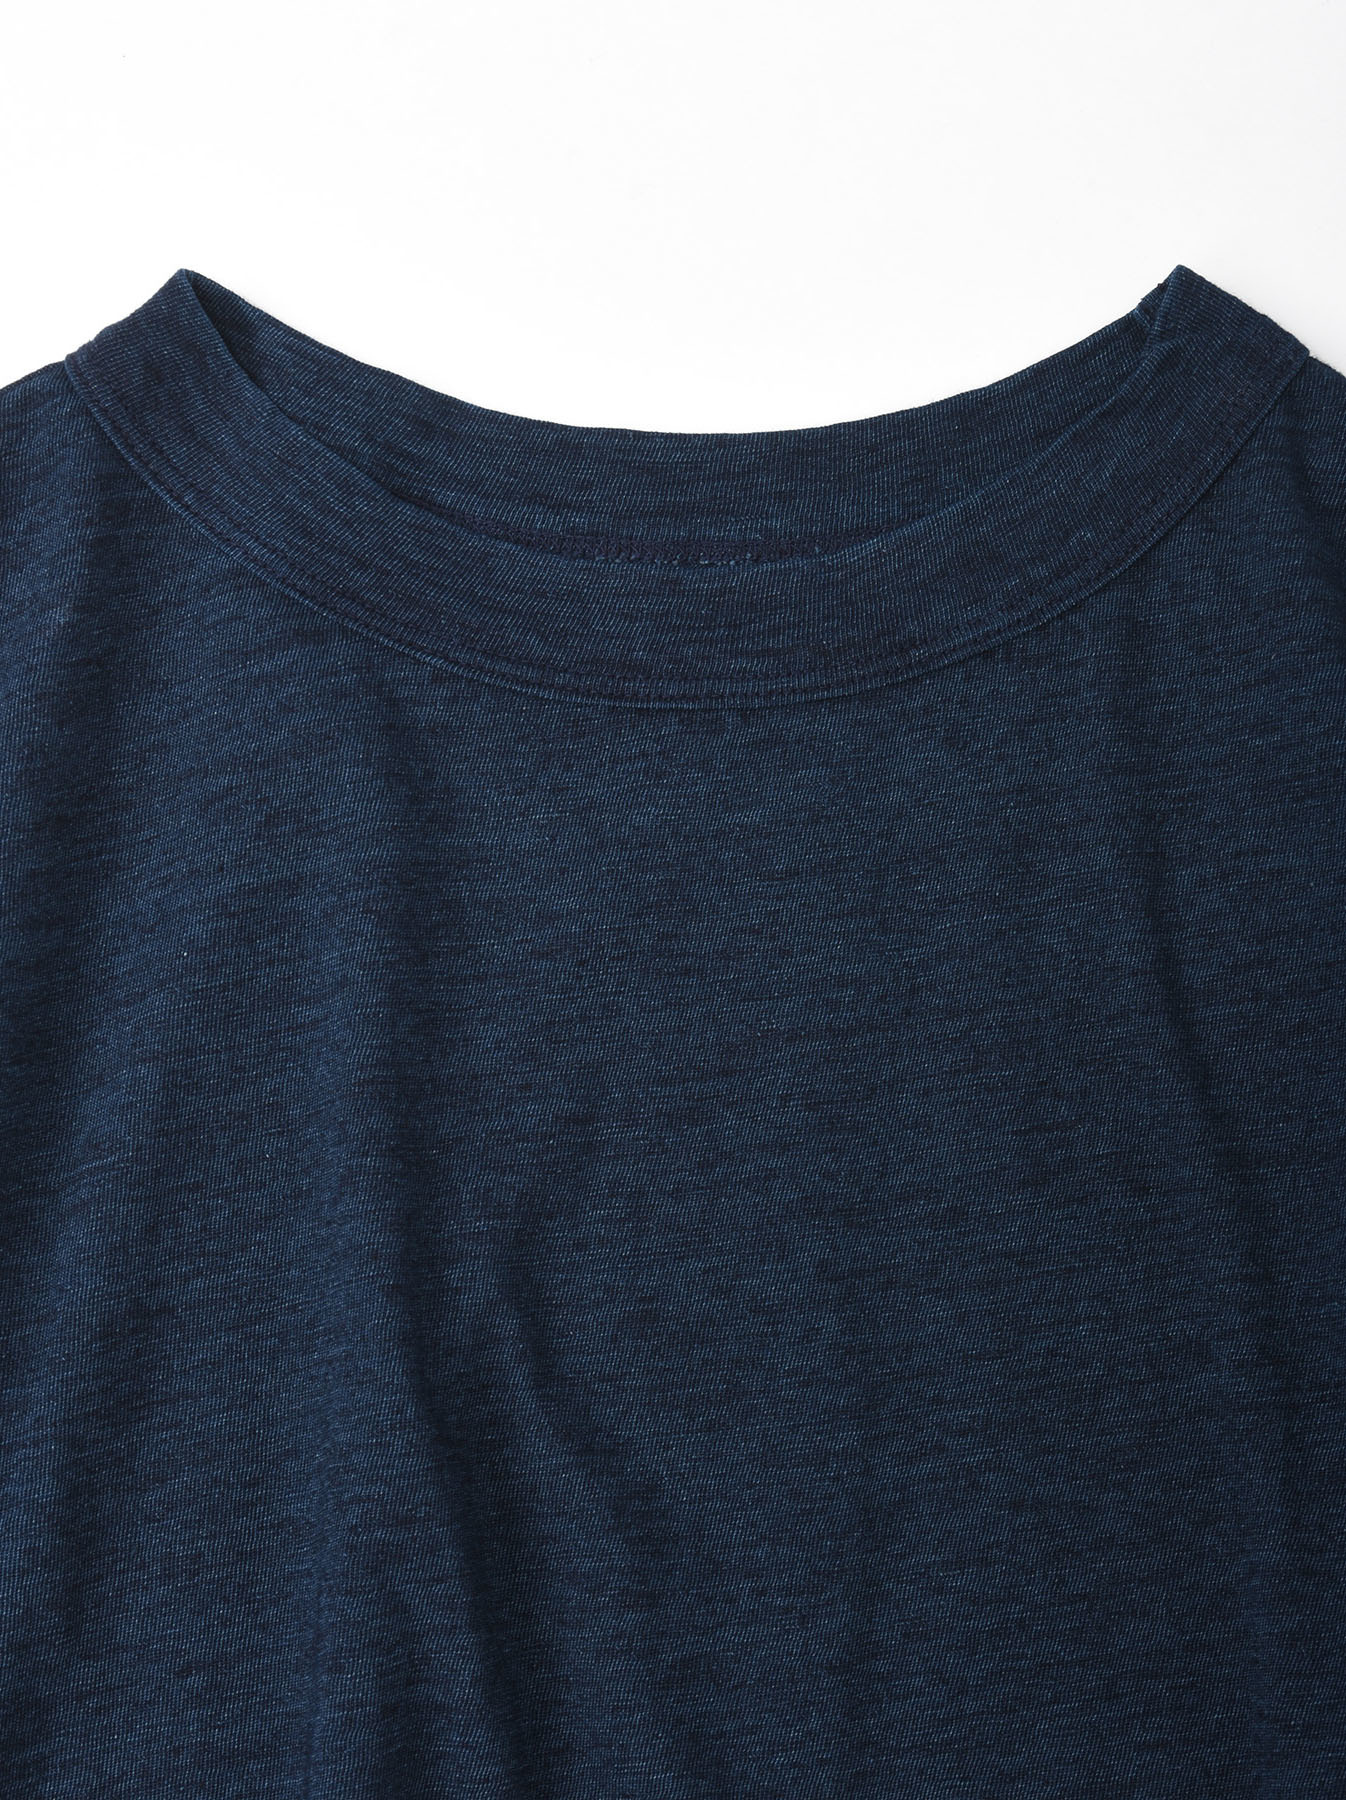 Indigo Zimbabwe Cotton Square T-shirt-6